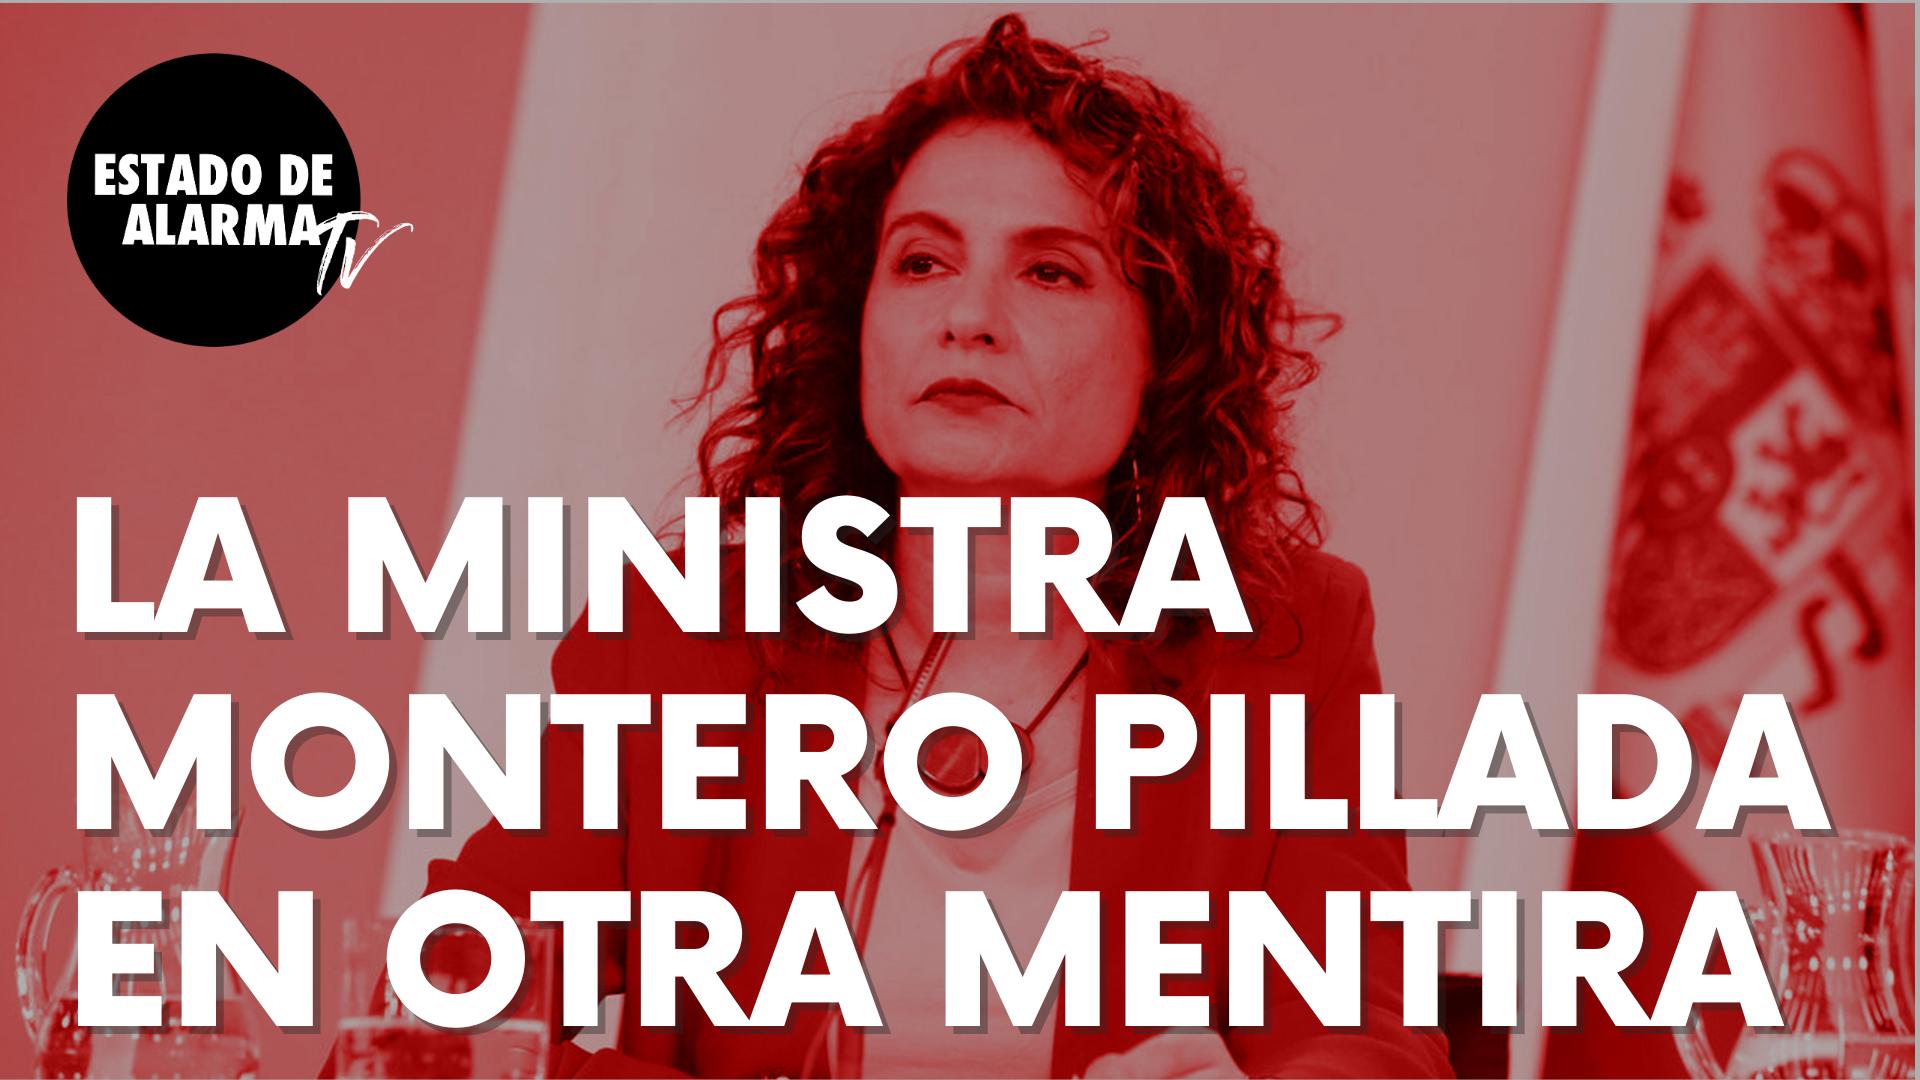 """La ministra de Hacienda, María Jesús Monterio, ha sido pillada en otra nueva mentira: """"Jamás"""""""